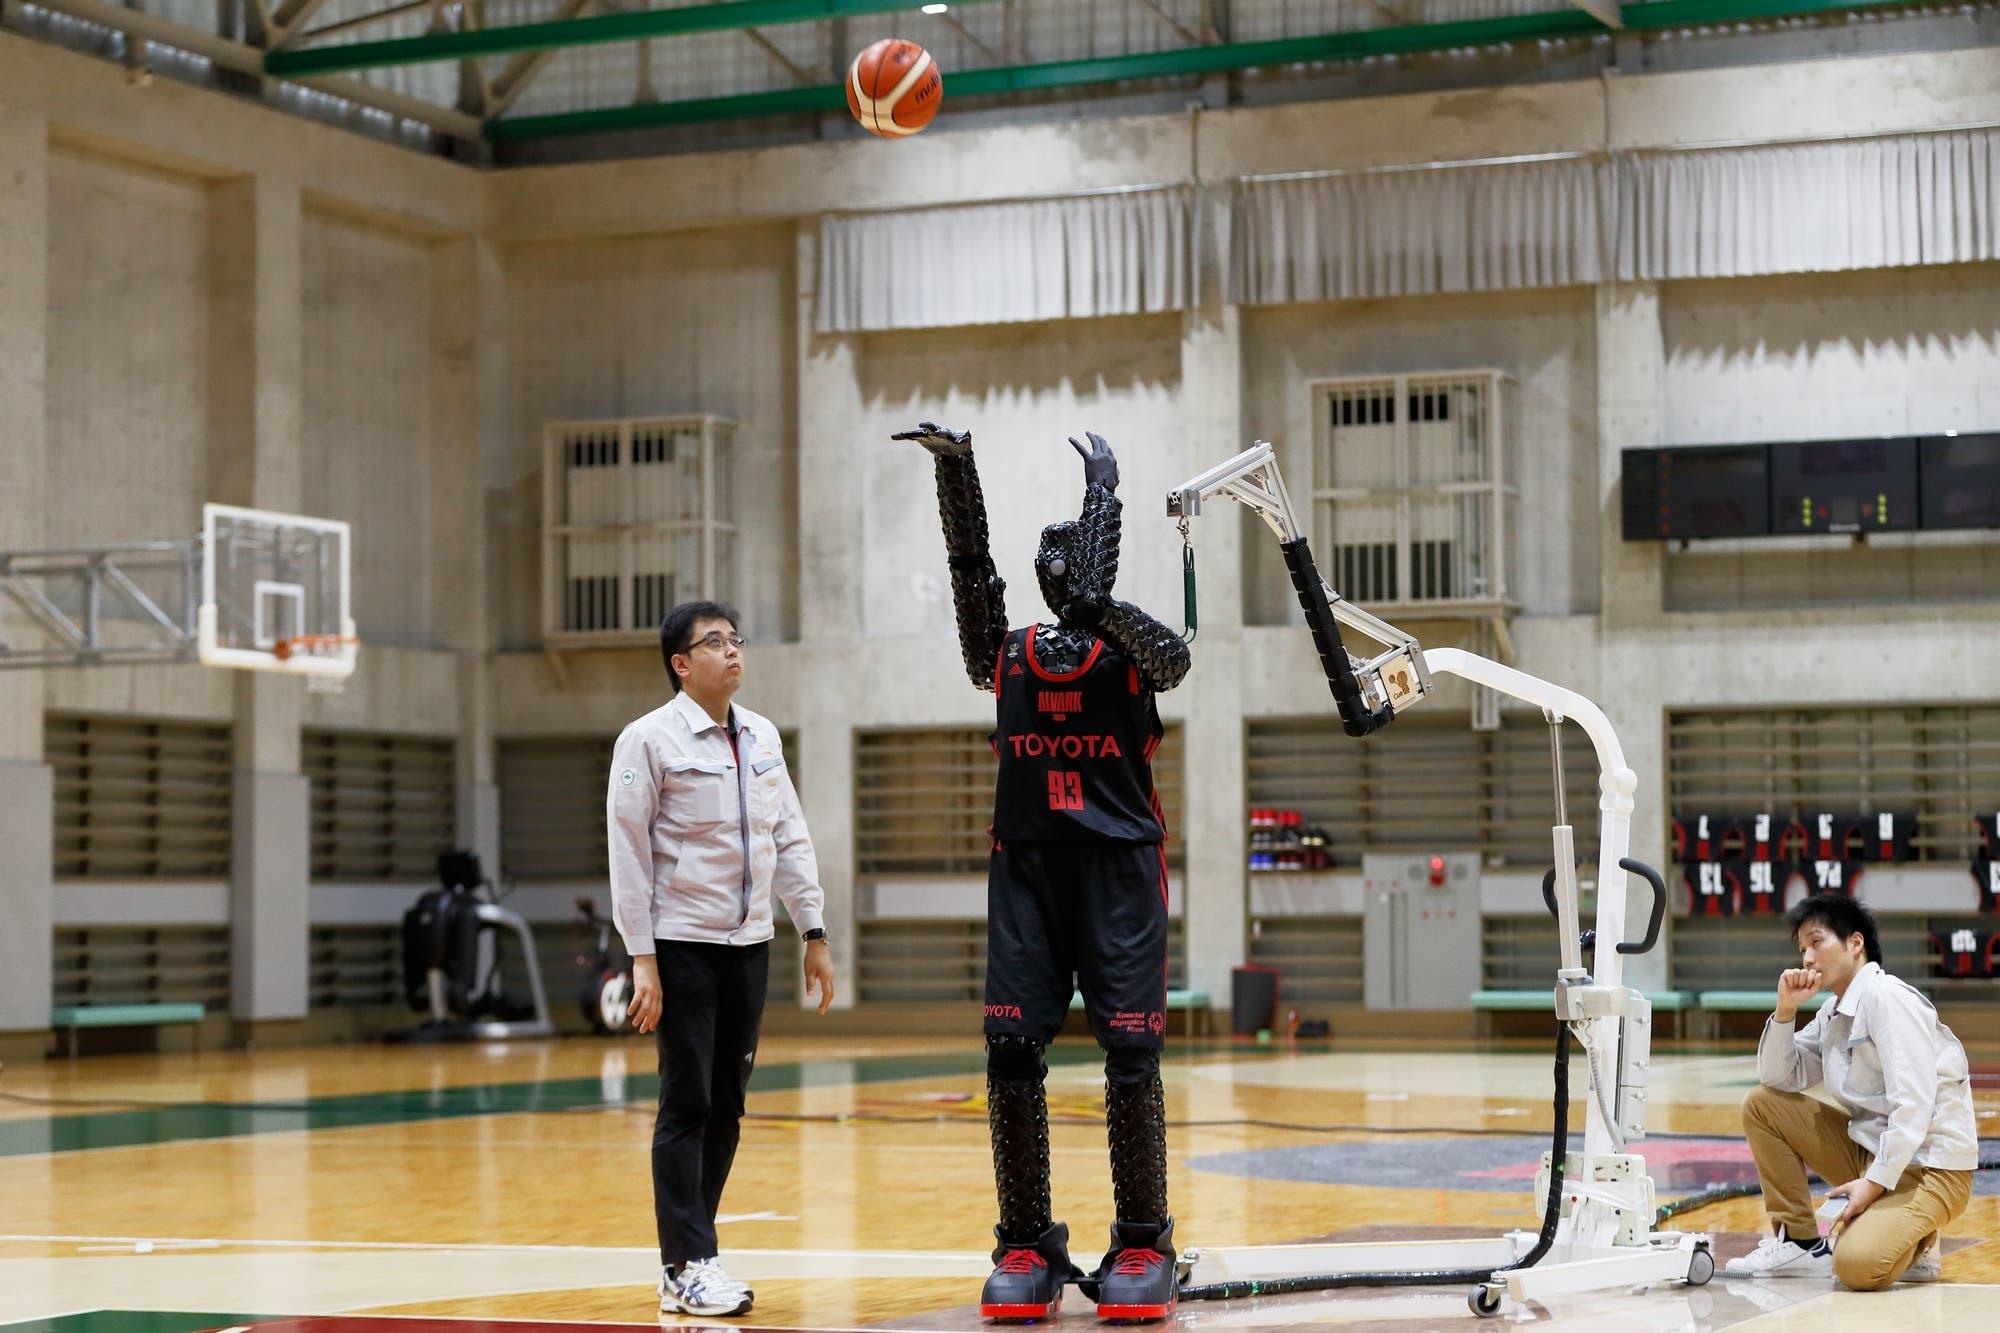 Este es CUE3, el basketbolista robot que logró encestar 2020 tiros libres consecutivos